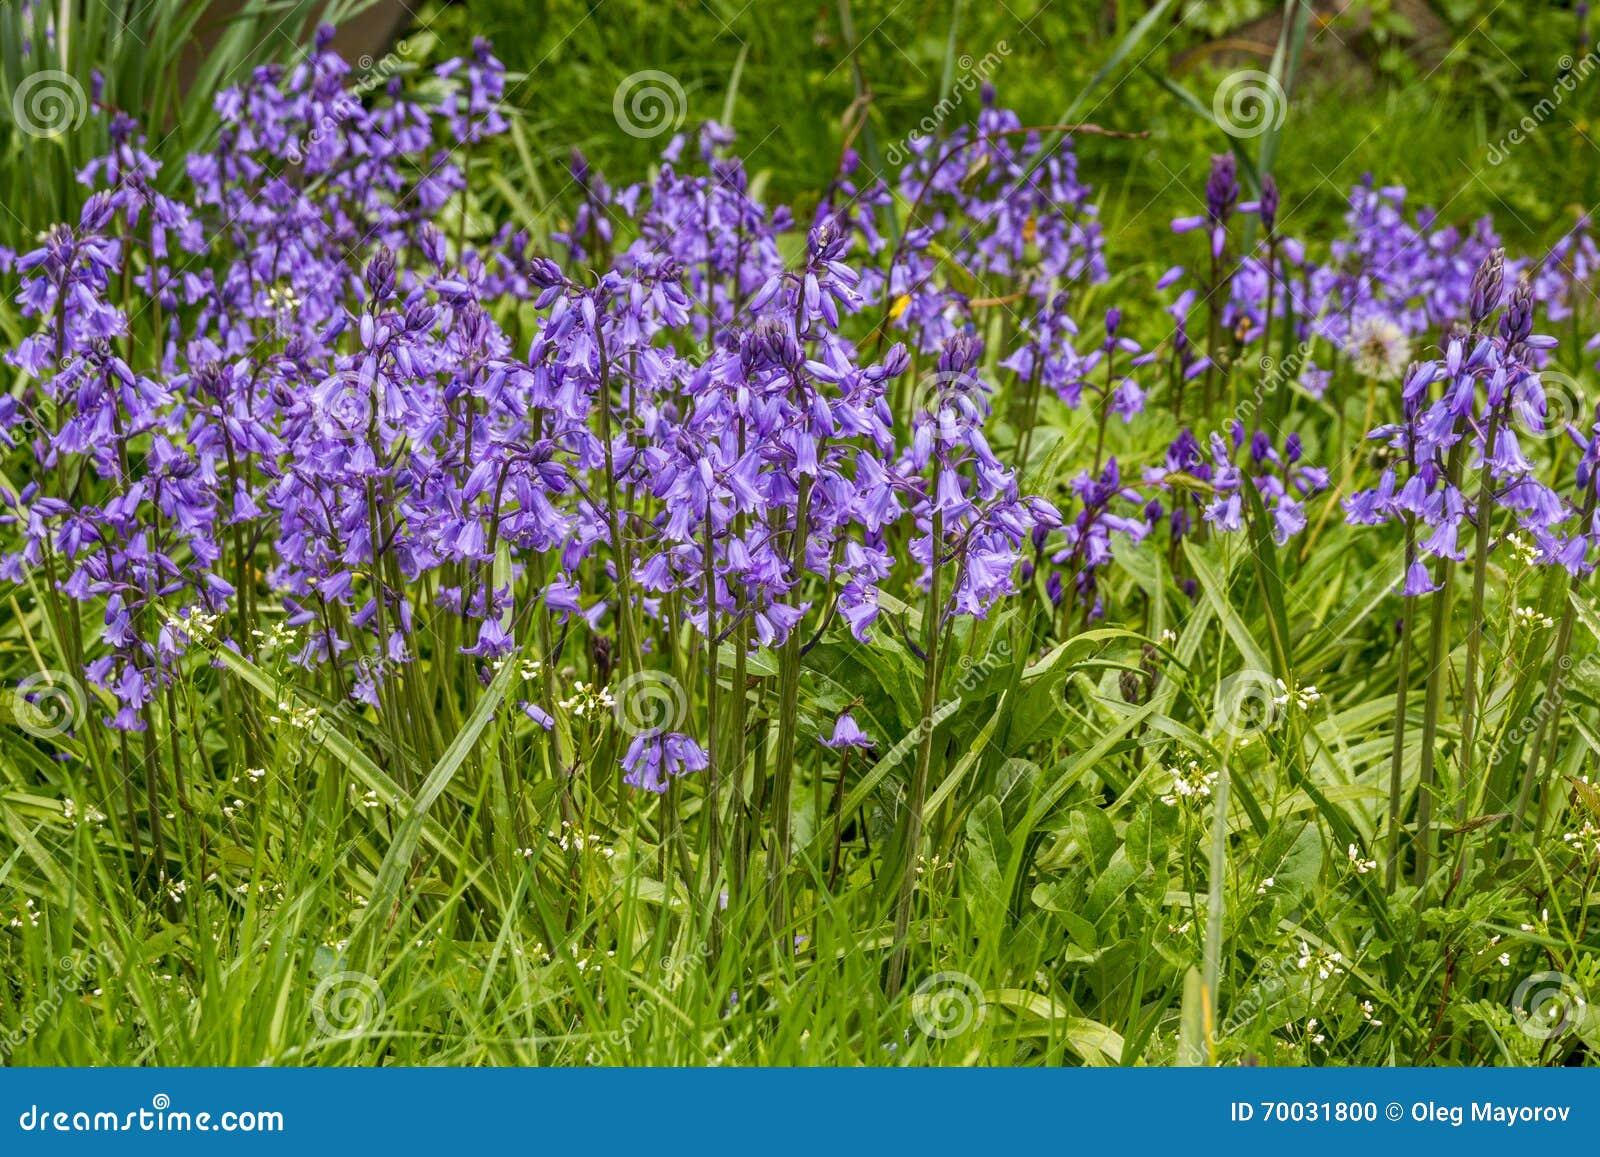 Fleurs printemps jardin for Fleurs thes au jardin